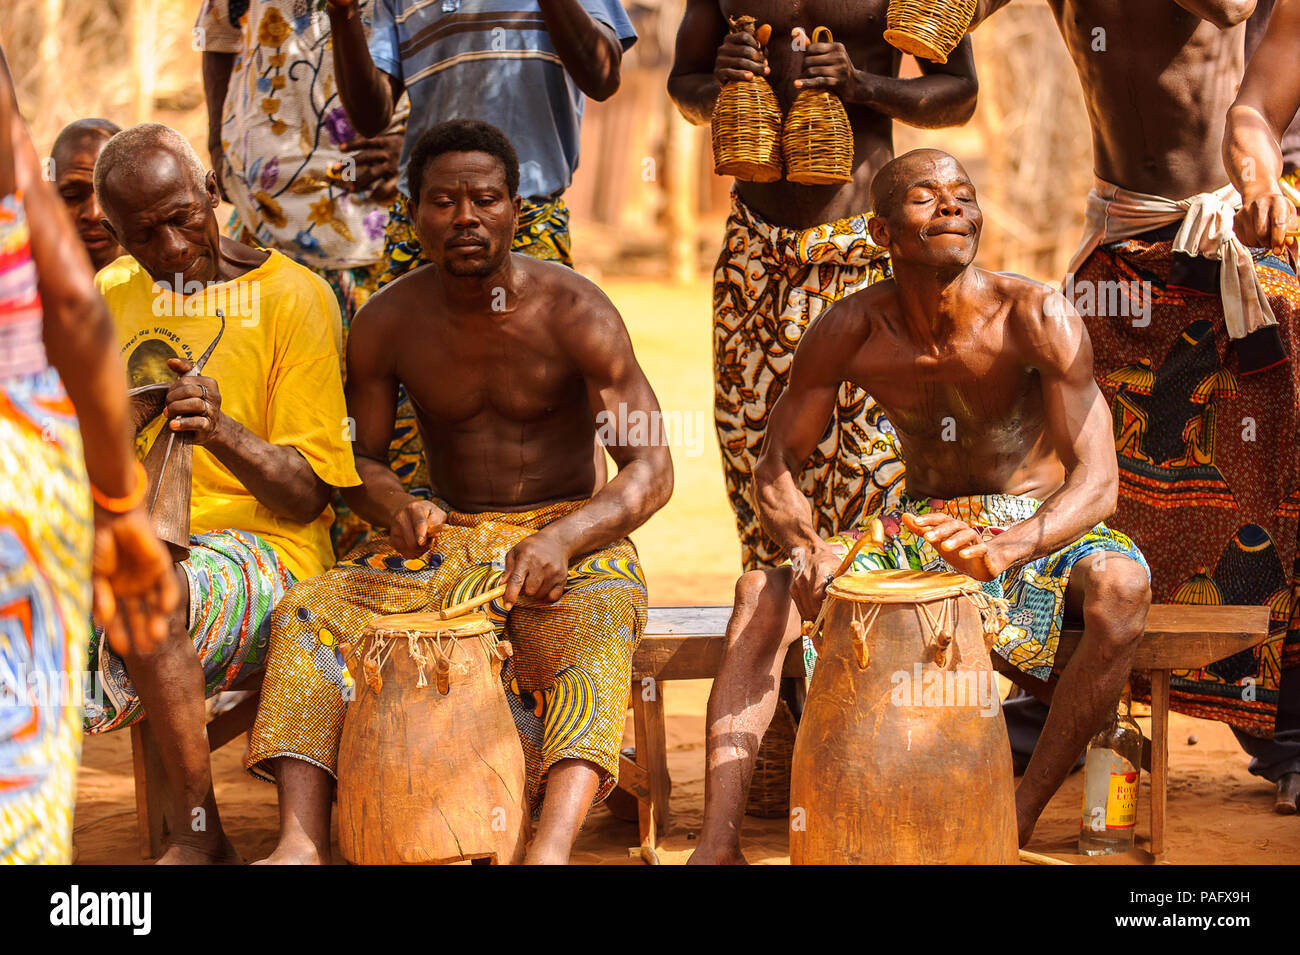 KARA, TOGO - MAR 11, 2012: Unidentified Togolese drummers